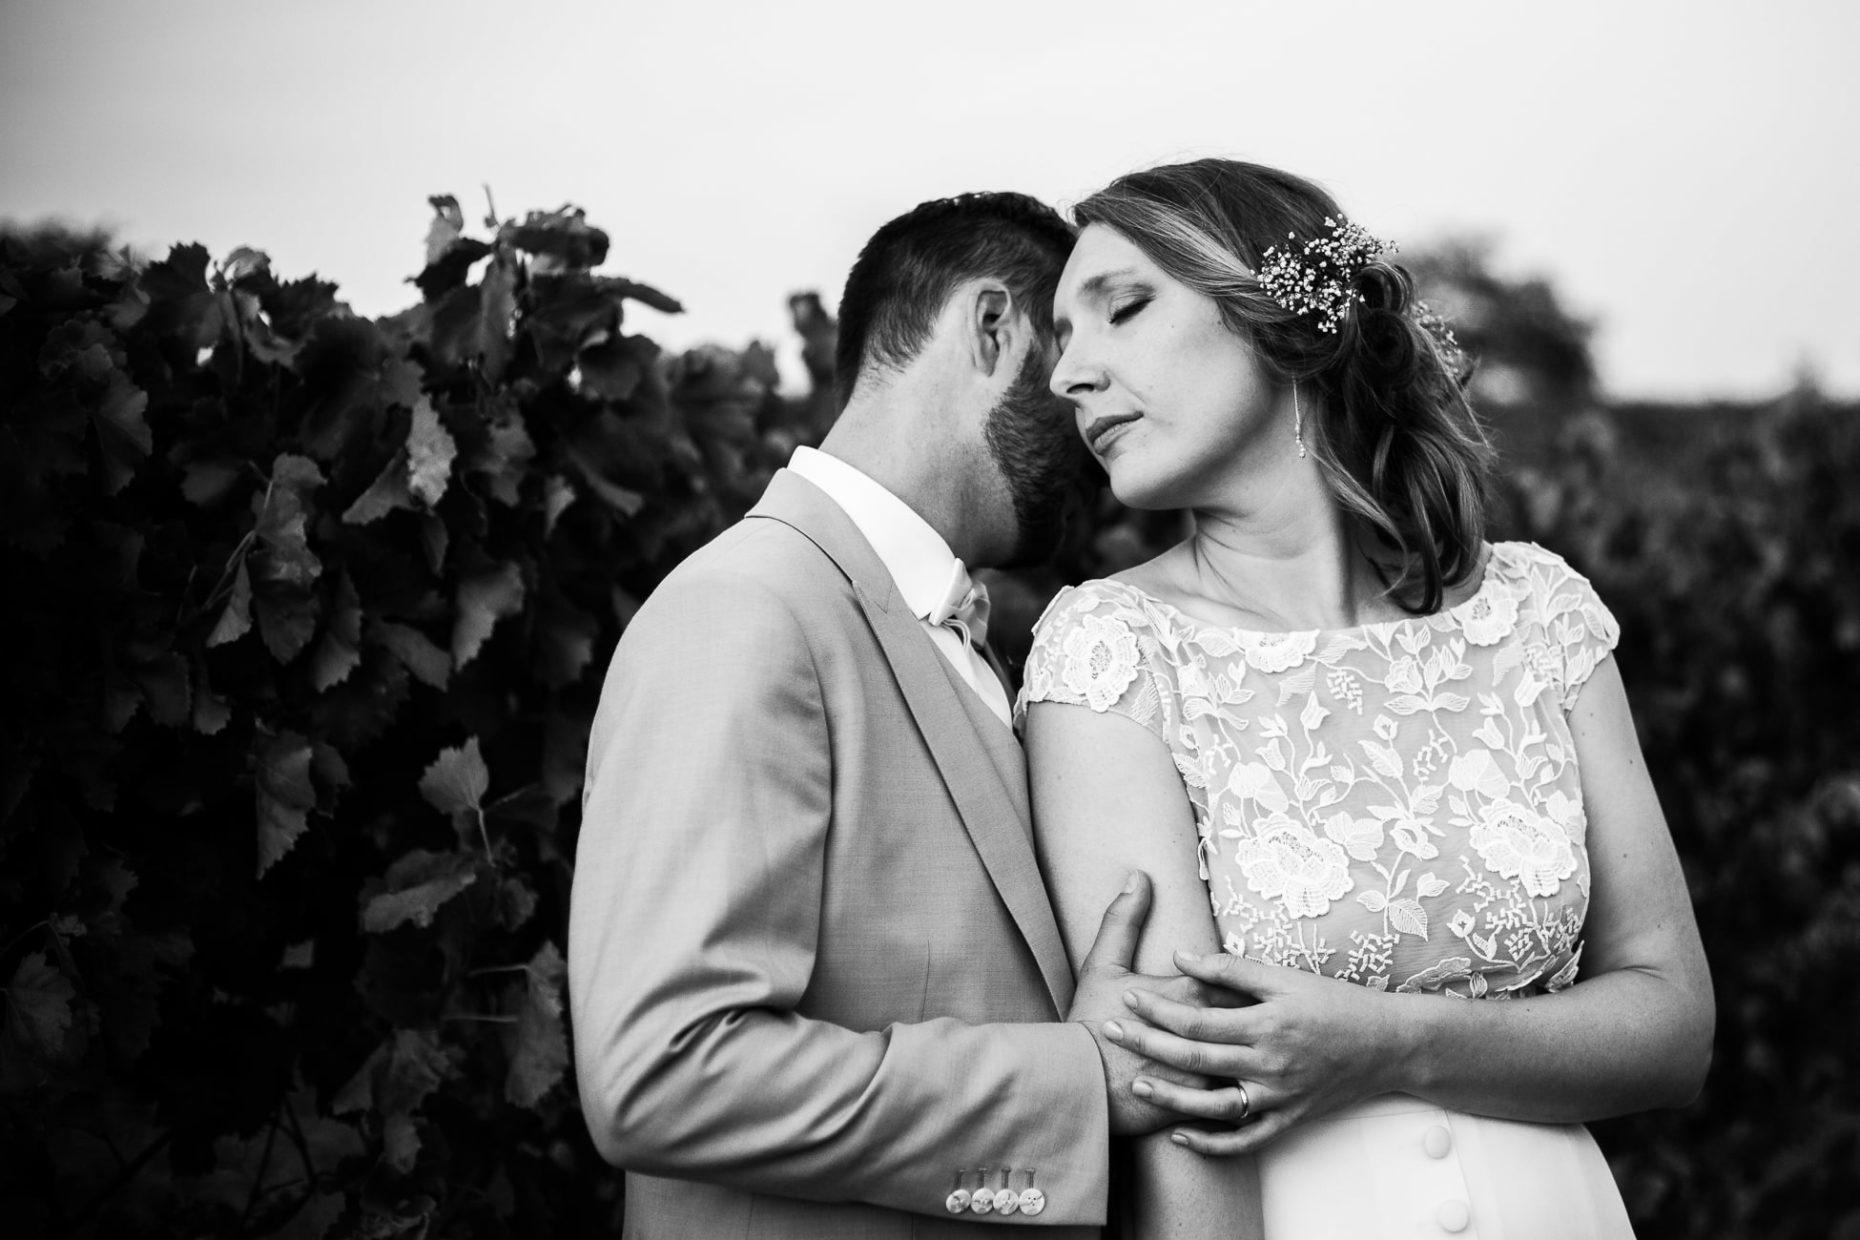 Mariage au château Turcan à Ansouis près de Aix en Provence en région Provence Alpes Côte d'Azur